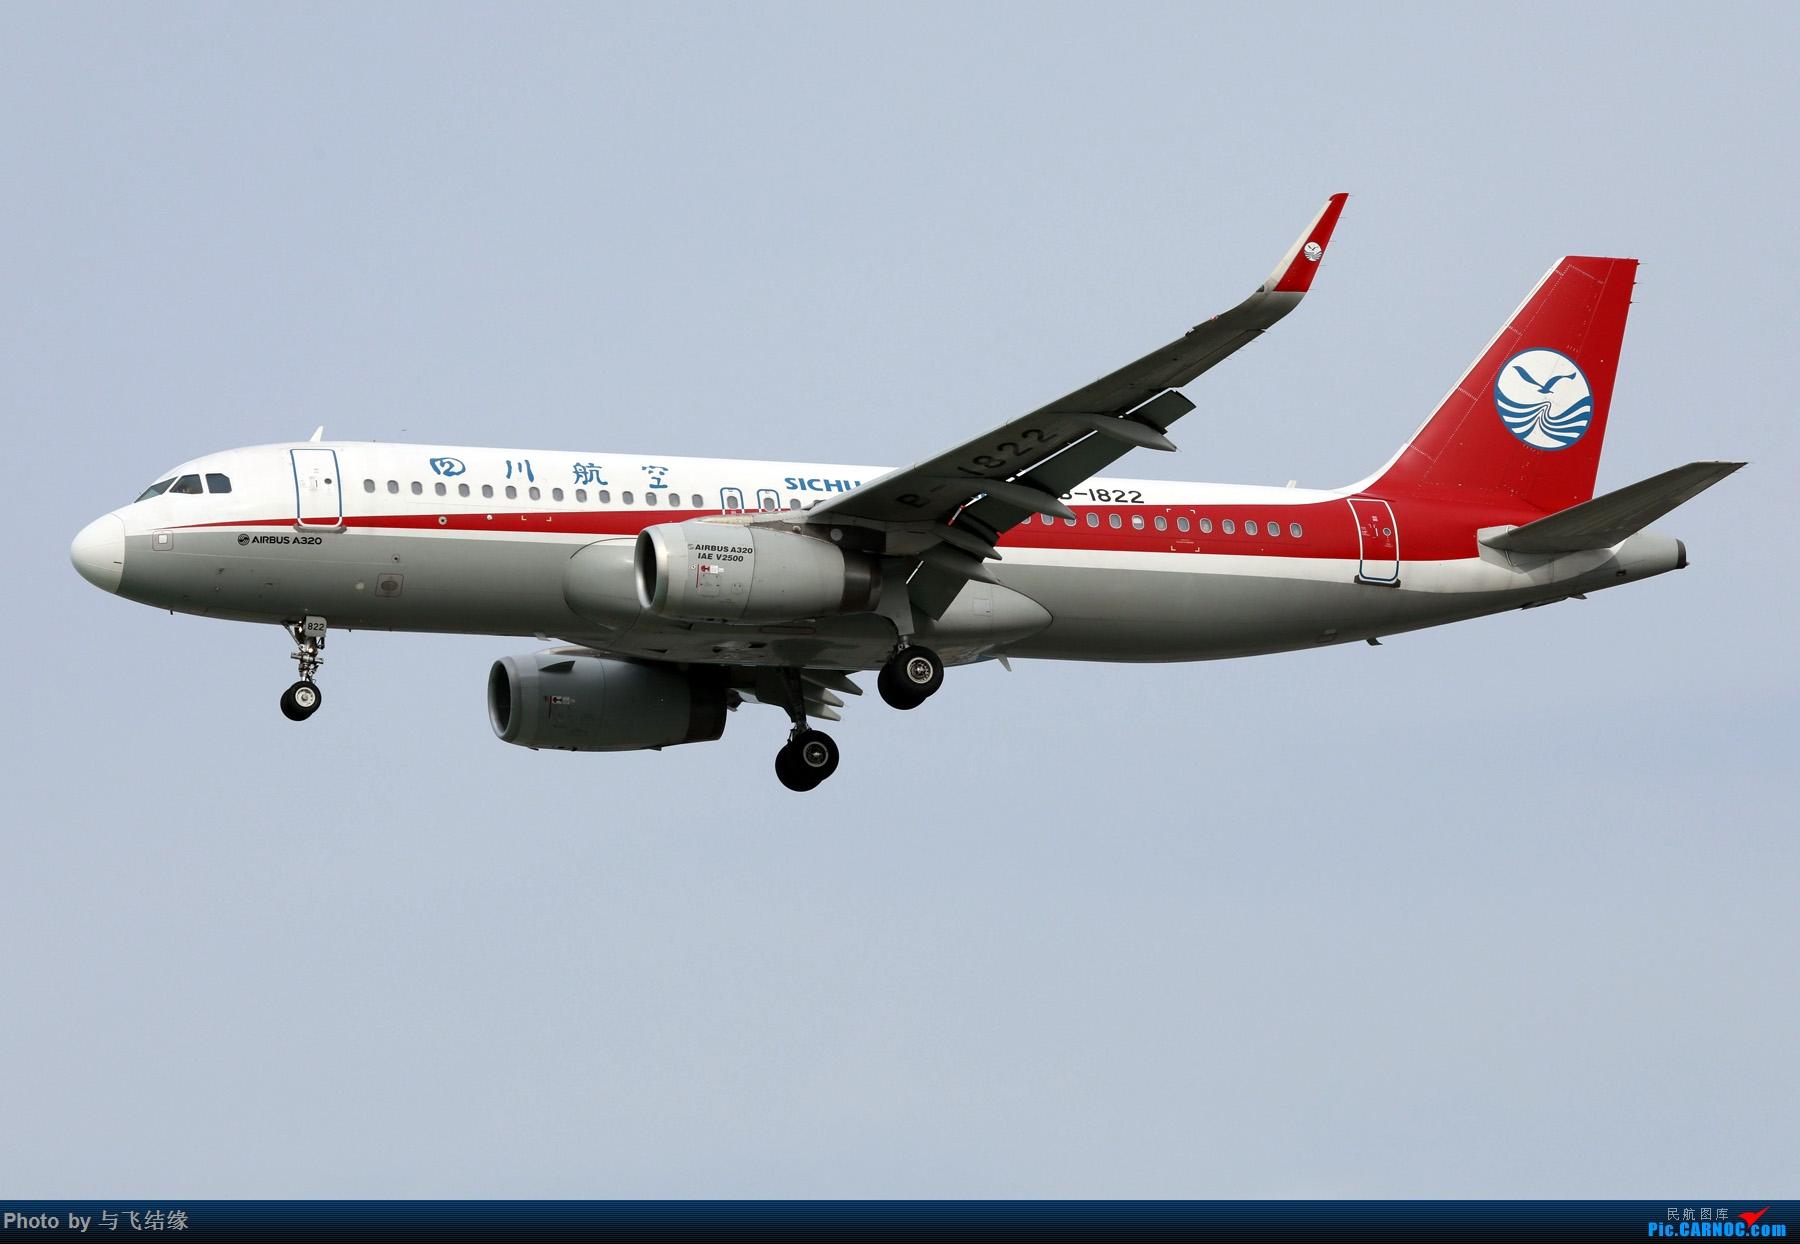 Re:[原创]3.20随便发几张空客320吧! AIRBUS A320-200 B-1822 中国北京首都国际机场